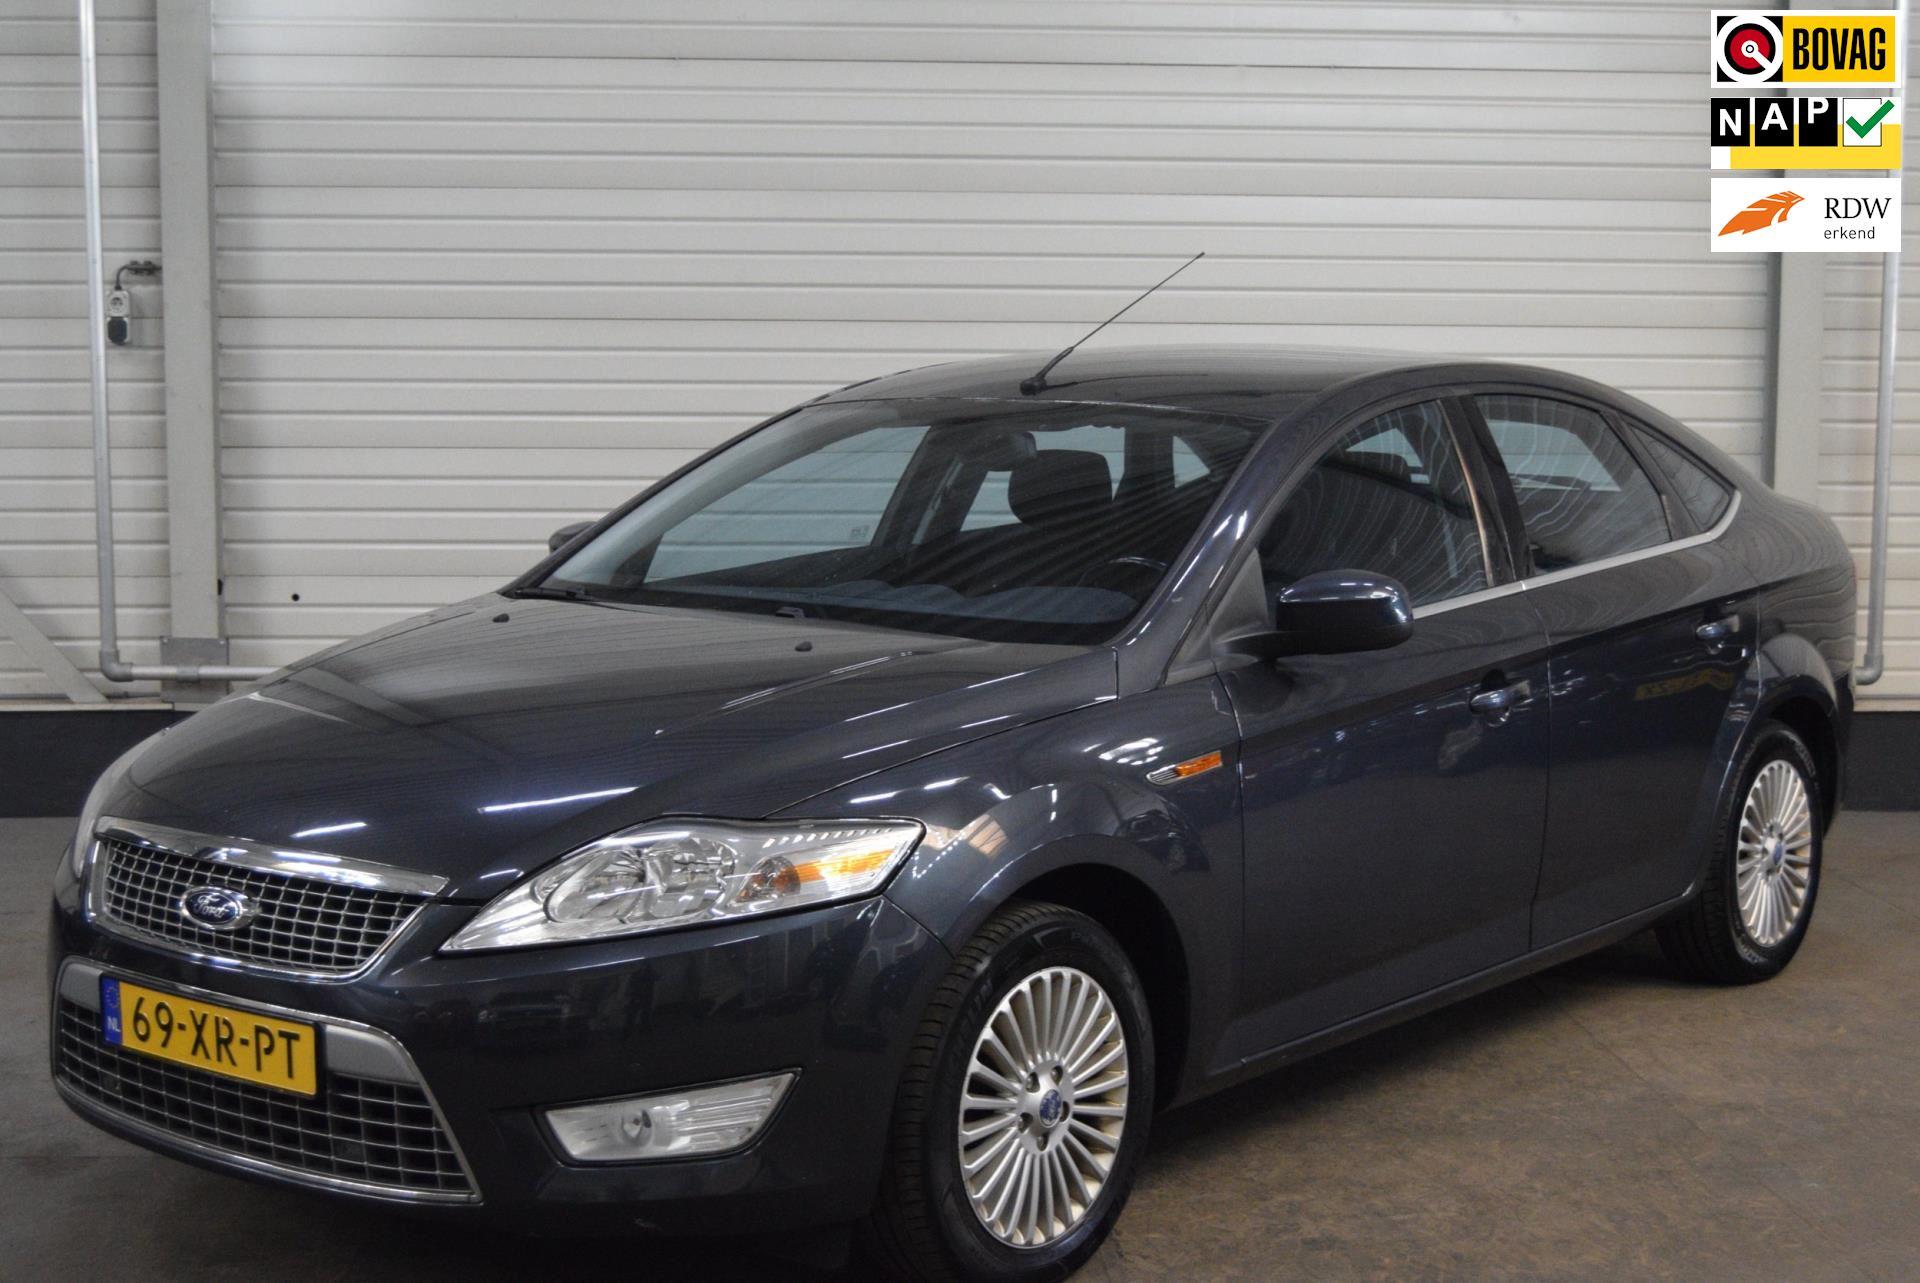 Ford Mondeo occasion - Autobedrijf van de Werken bv